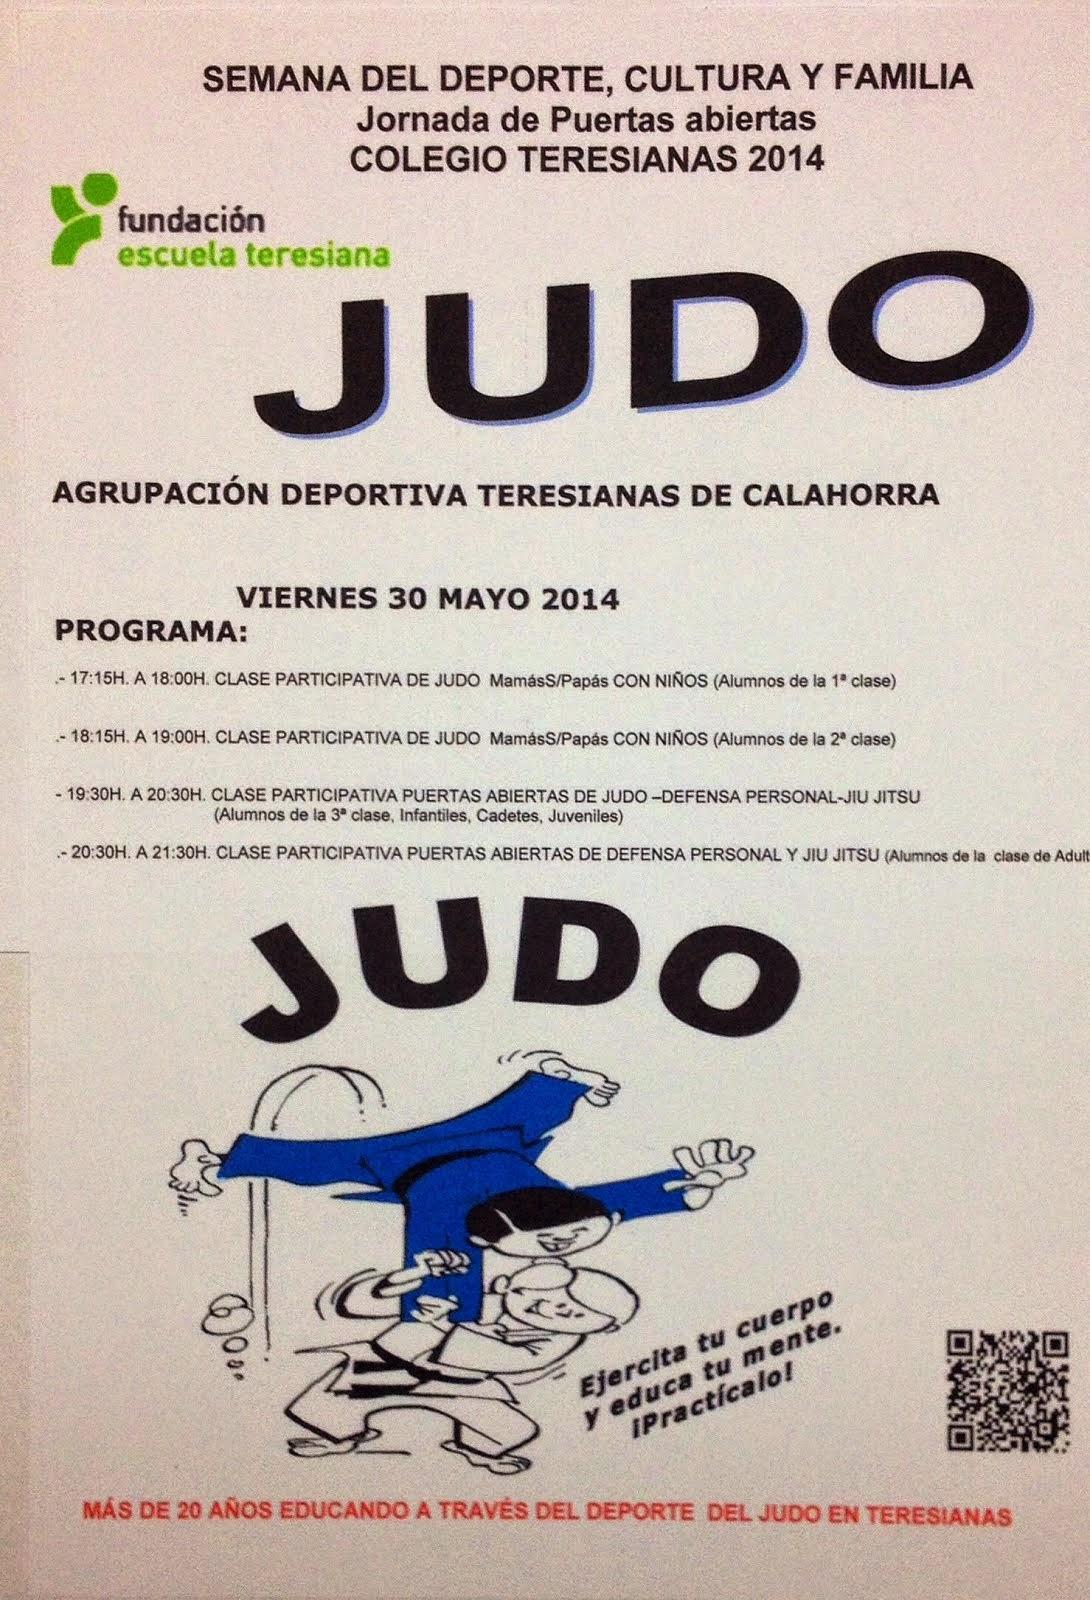 JUDO TERESIANAS. Semana Deporte y Familia 2014